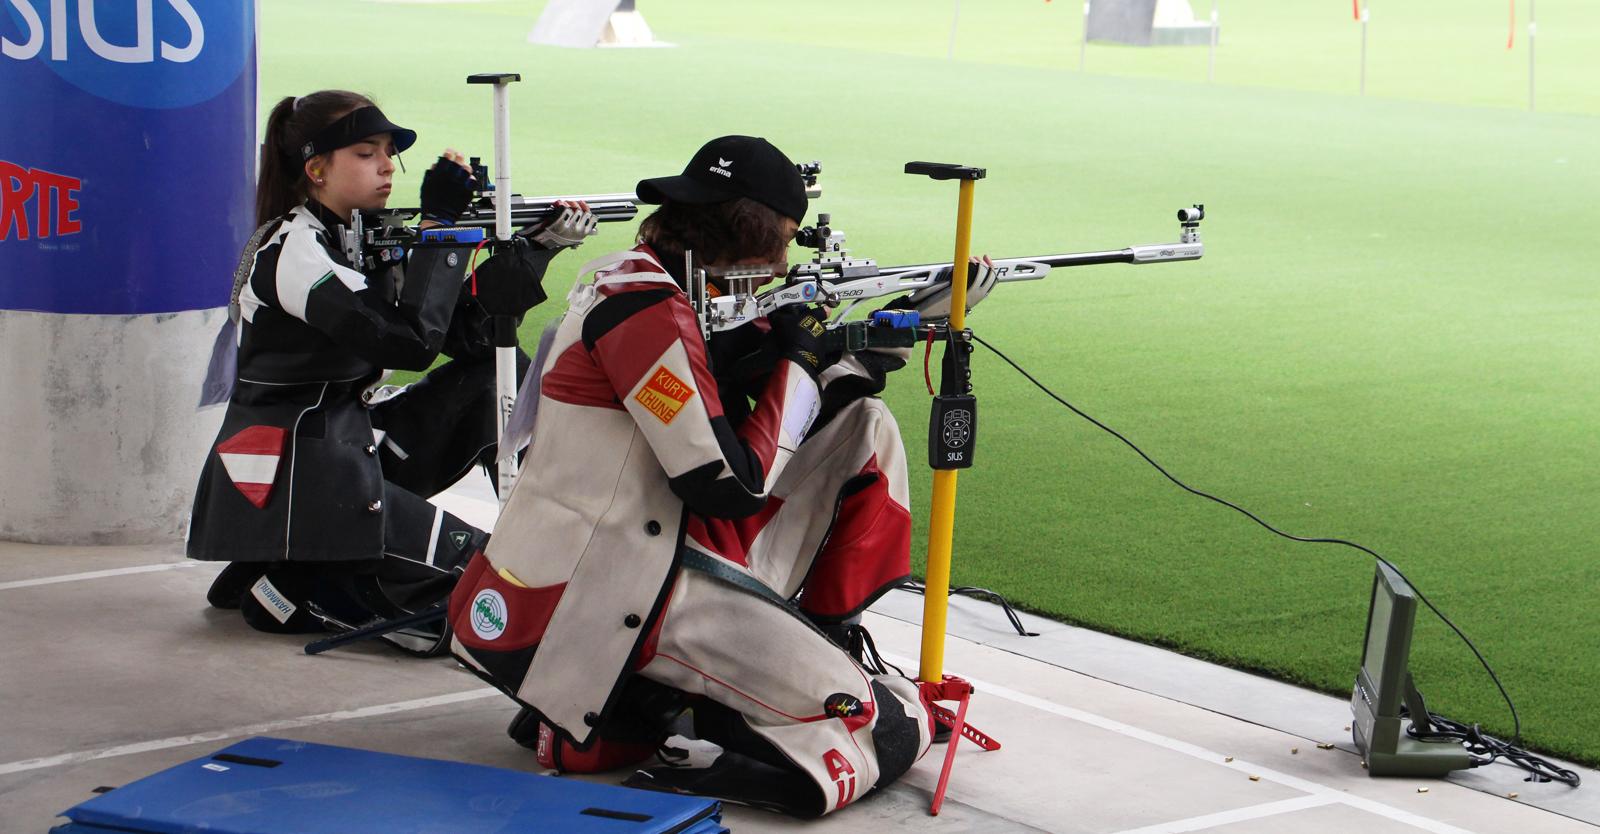 Das beste österreichische Resultat der ersten Qualifikation kam von Kiano Waibel, der gemeinsam mit Nadja Krainz den zehnten Platz erreichte © Margit Melmer, ÖSB